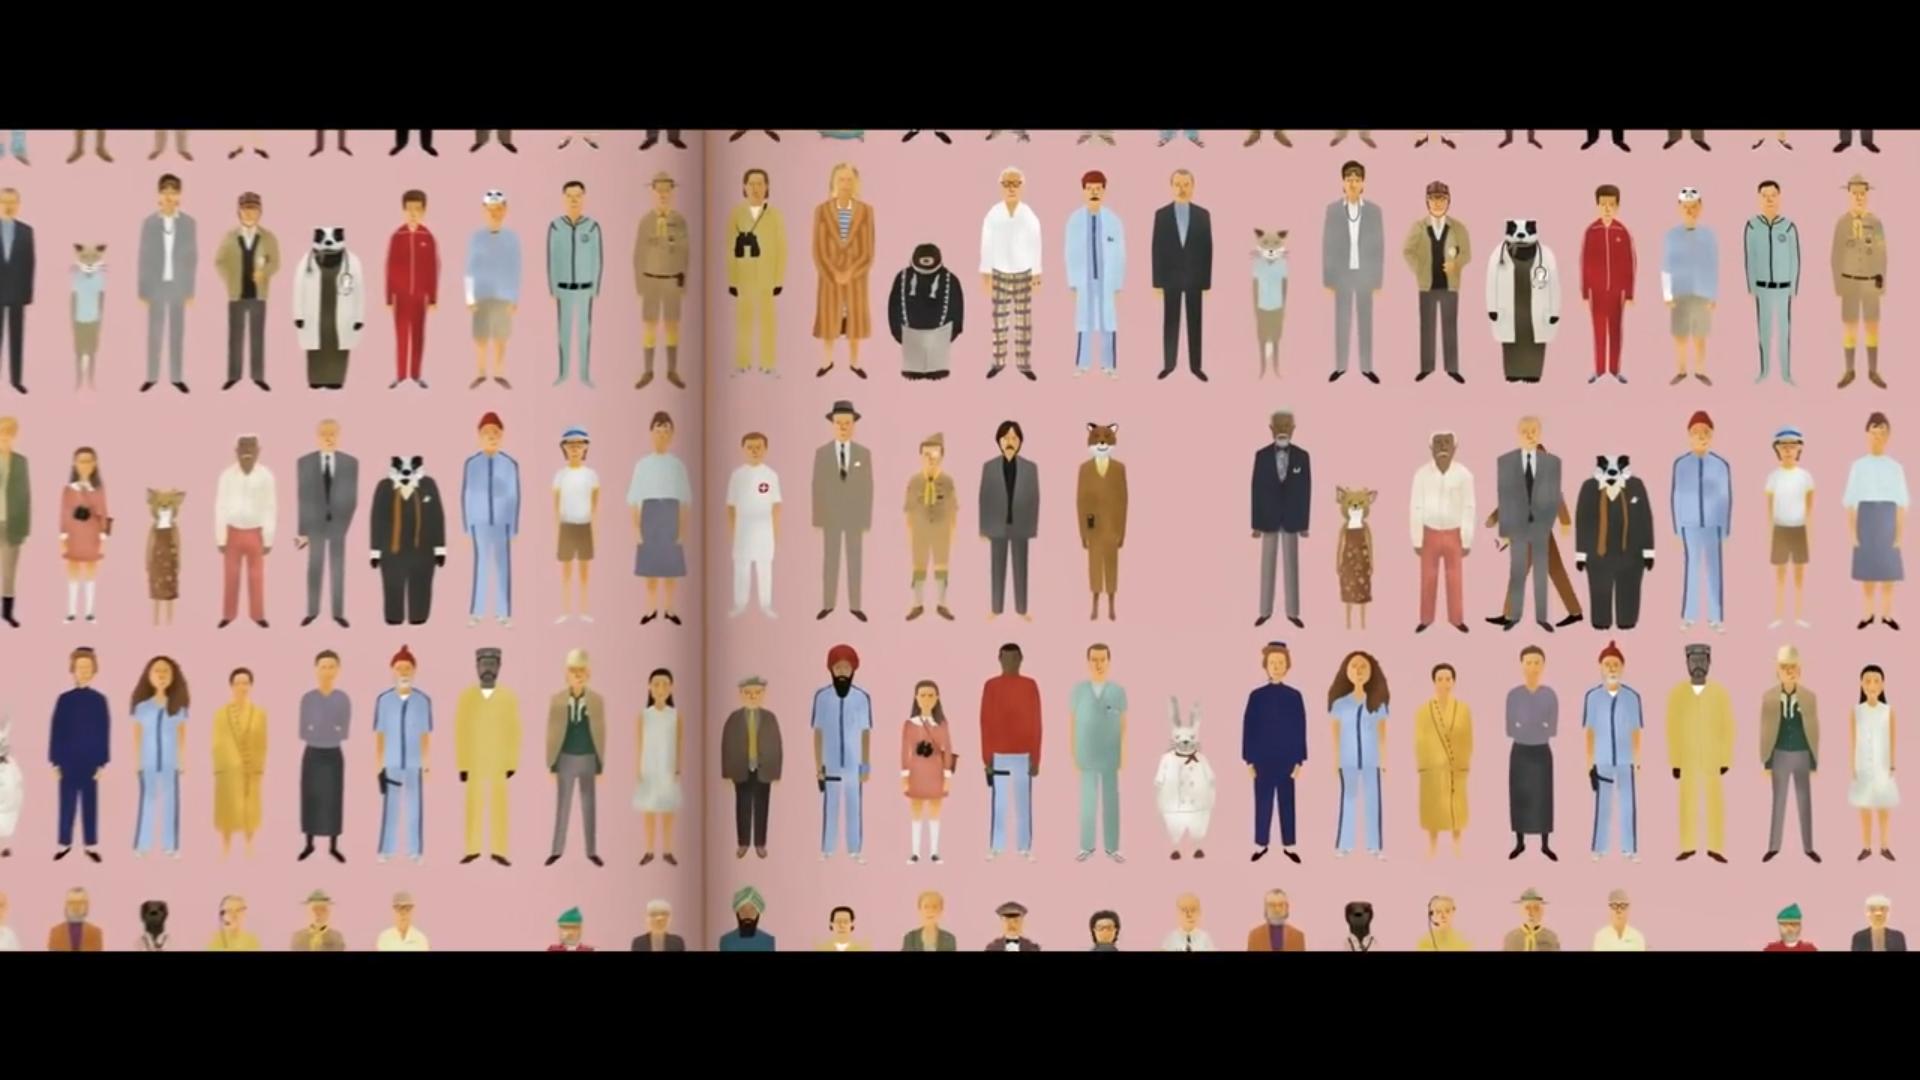 Wes Anderson Wallpaper - WallpaperSafari